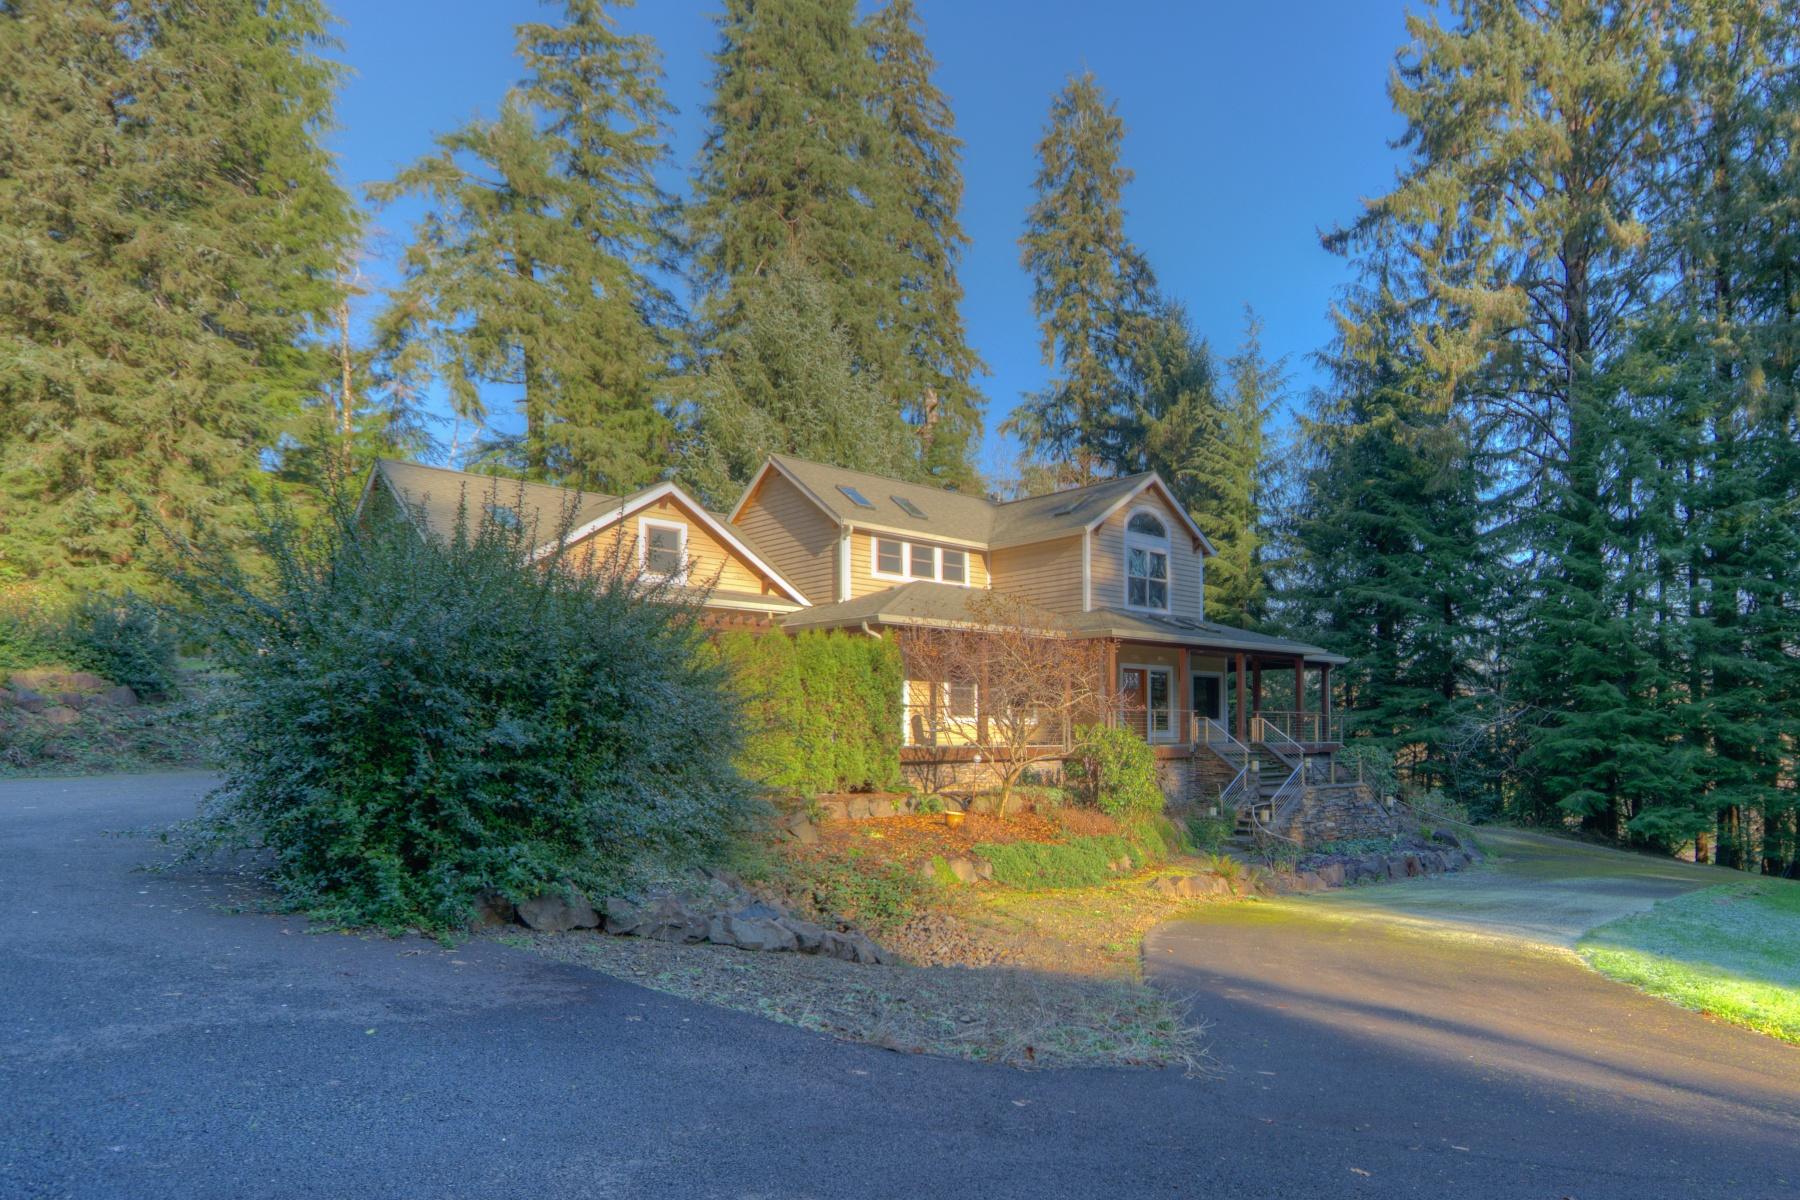 Nhà ở một gia đình vì Bán tại 44650 CAROL DR, NEHALEM Nehalem, Oregon, 97131 Hoa Kỳ